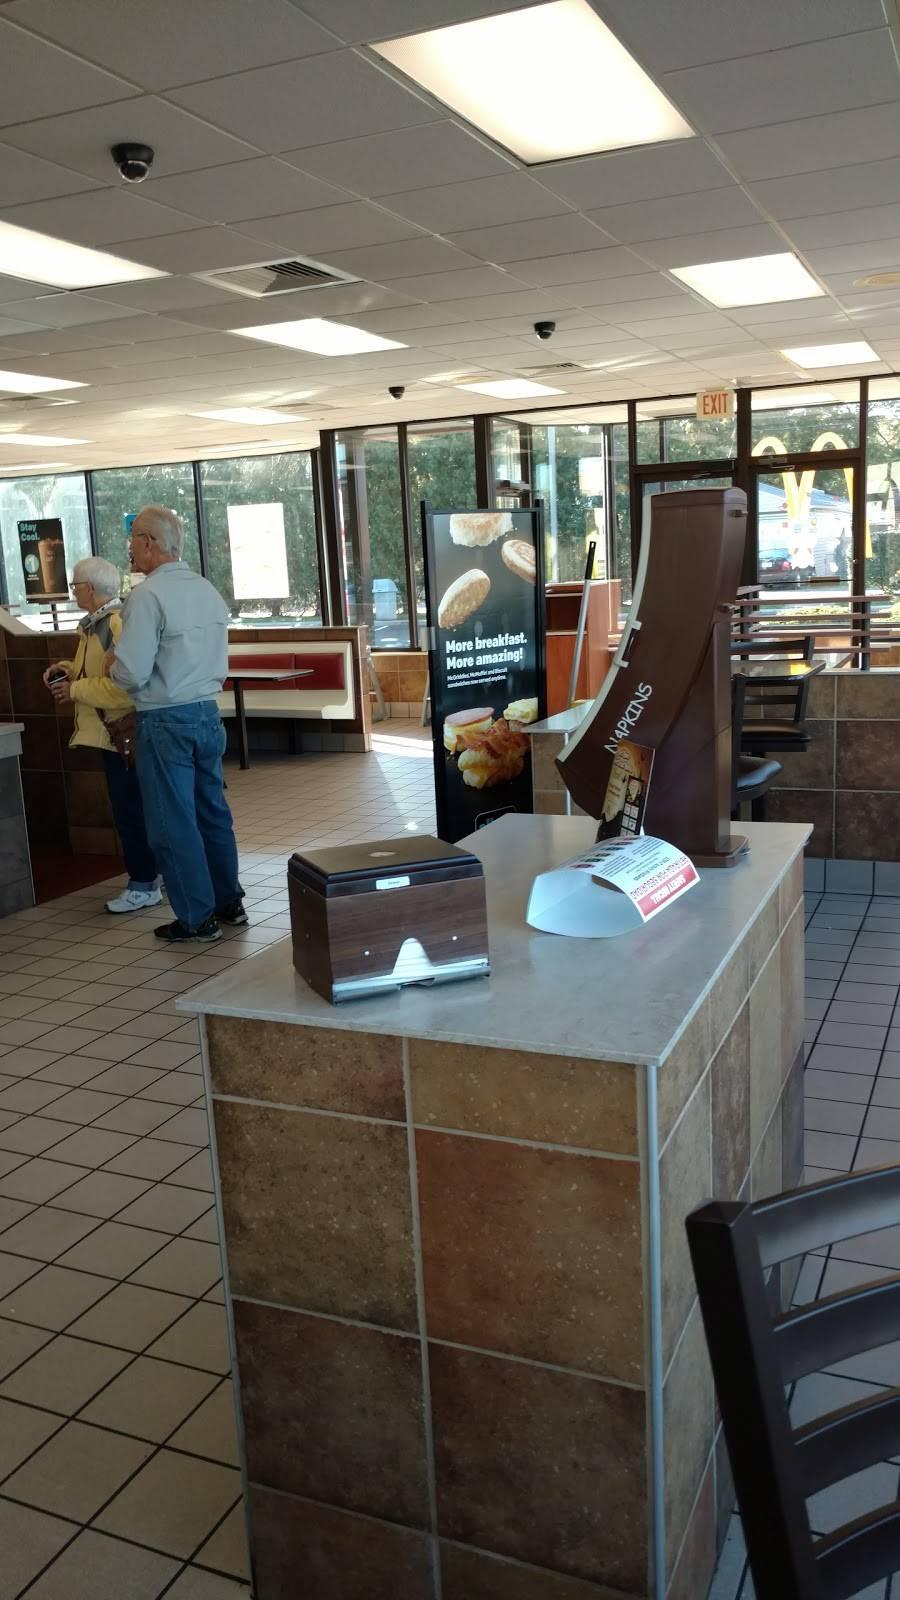 McDonalds - cafe  | Photo 10 of 10 | Address: 5210 N Summit St, Toledo, OH 43611, USA | Phone: (419) 726-5535